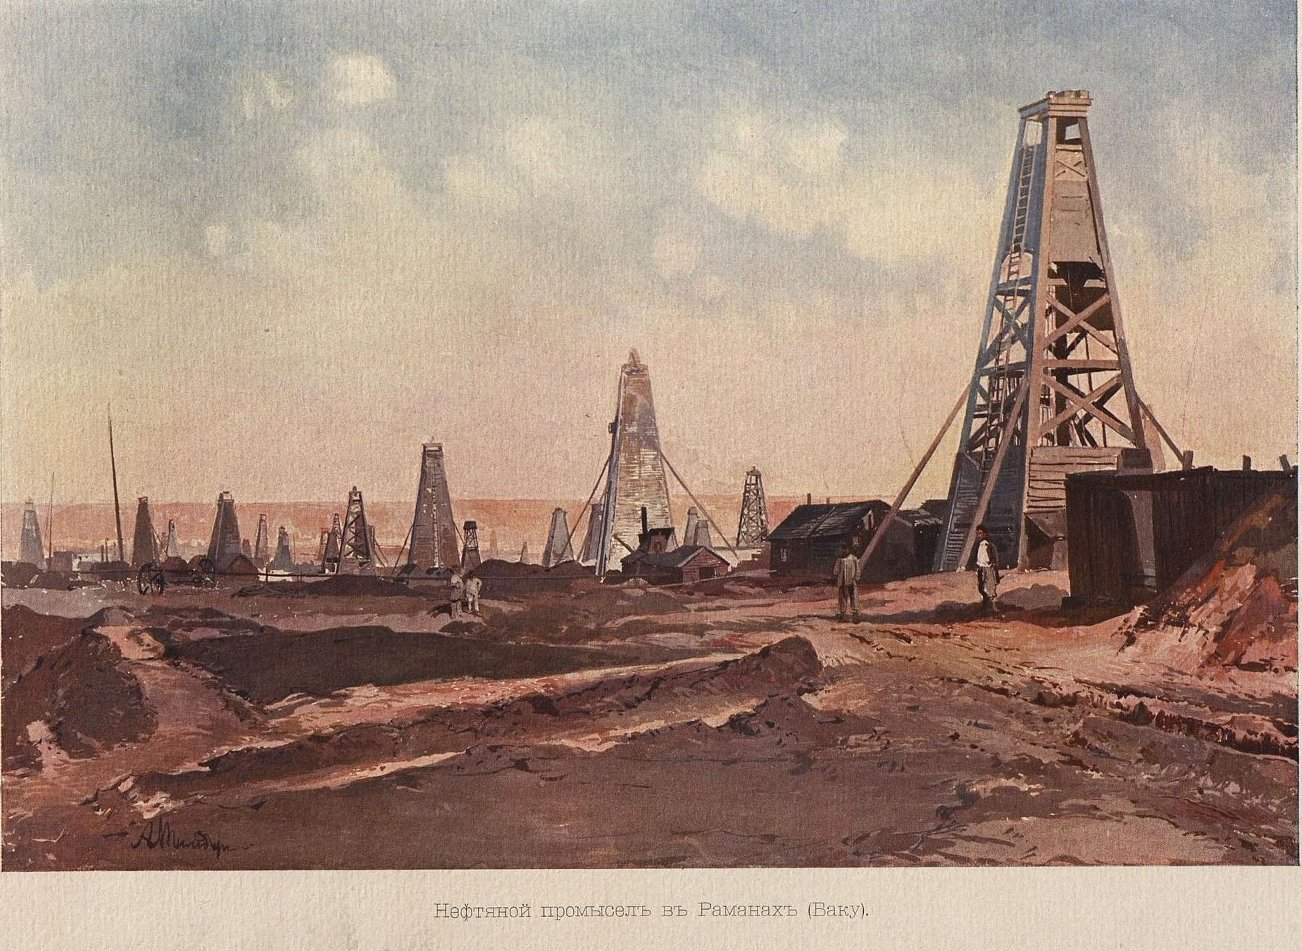 07. Нефтяной промысел в Раманах (Баку)